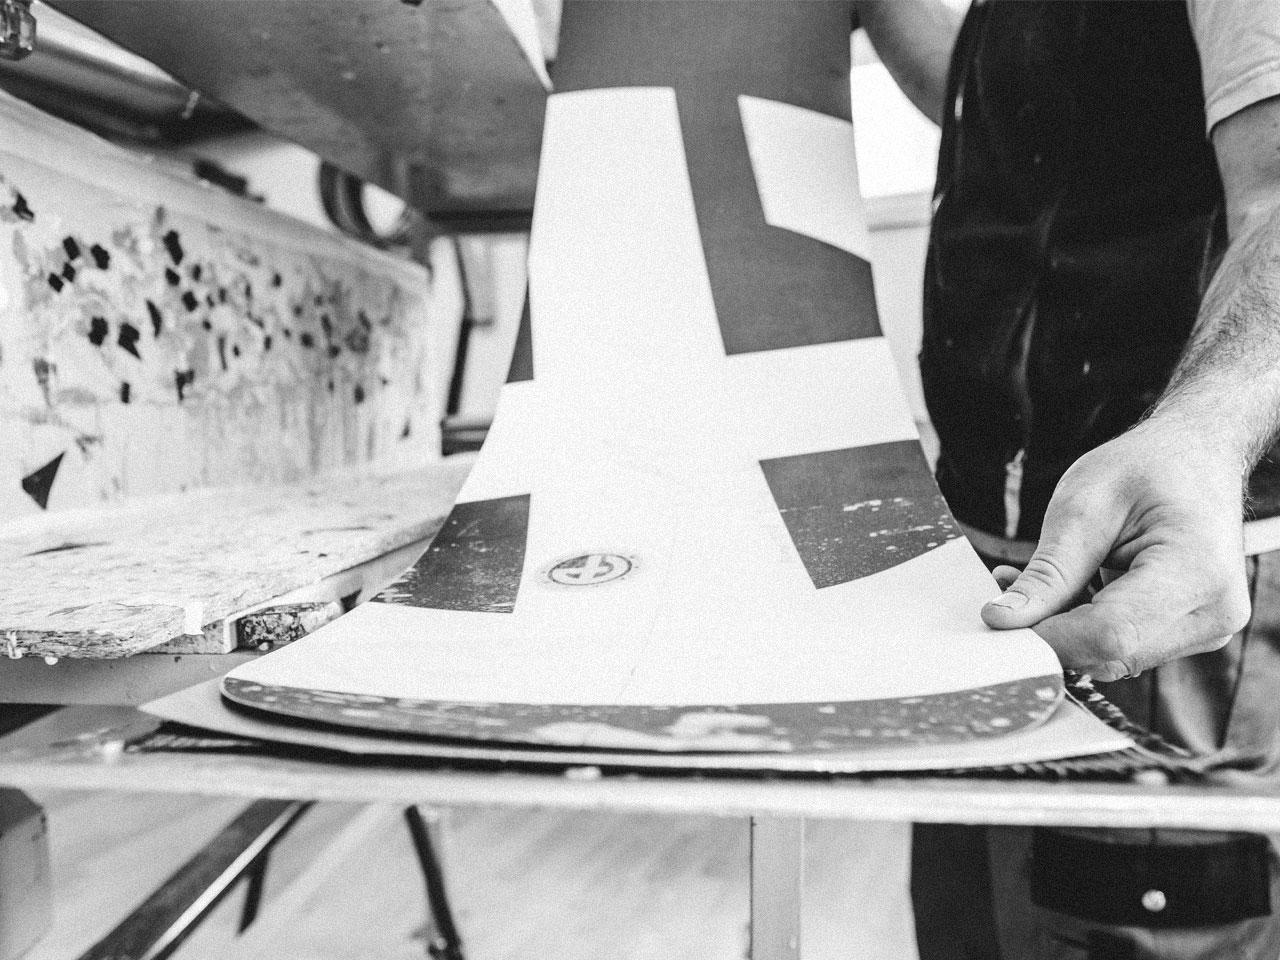 Apex CSTM Snowboards